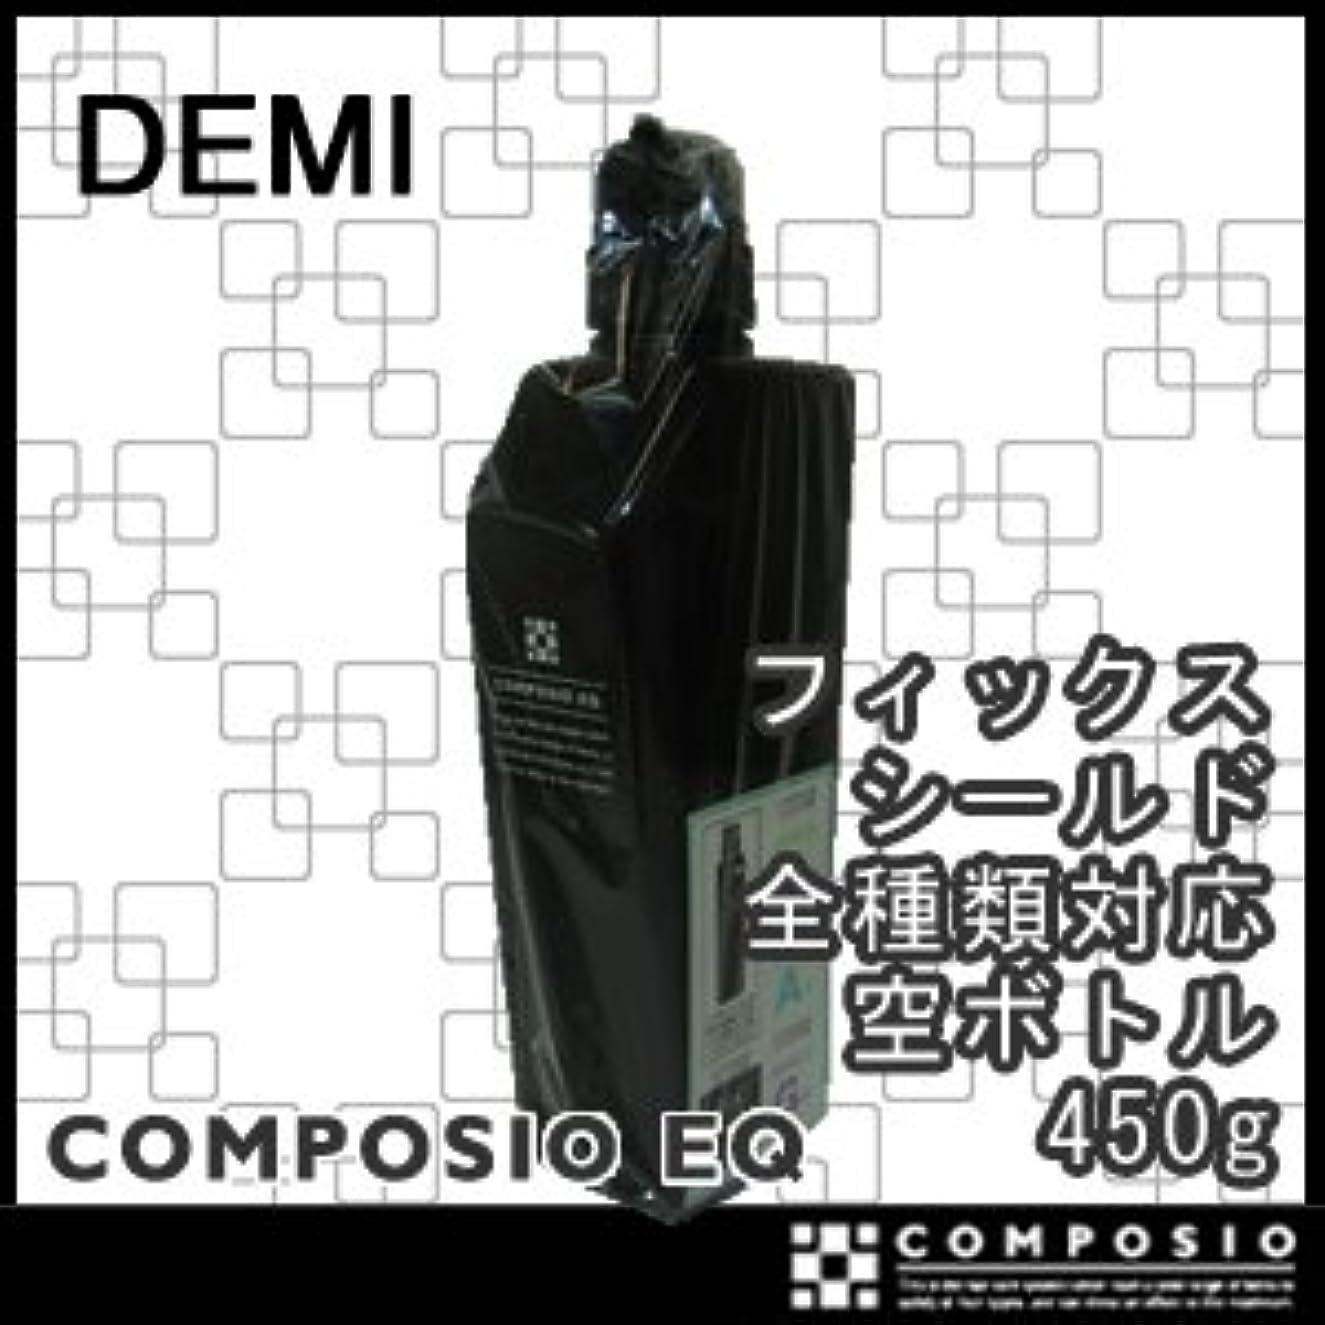 不十分なデコレーションブームデミ コンポジオ EQ フィックス&シールド S,A,G 450g 詰替え専用ボトル 業務用